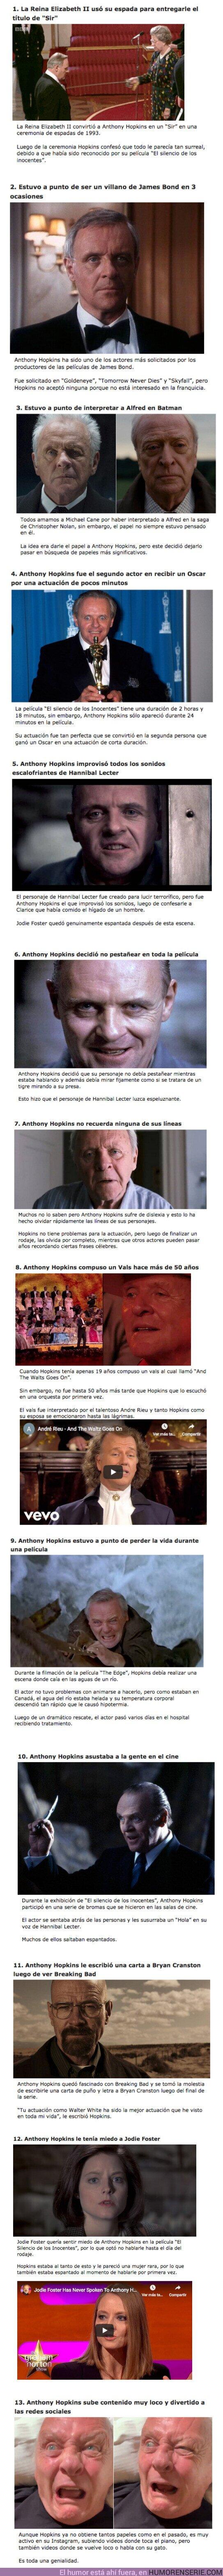 64044 - GALERÍA: 13 Curiosidades que comprueban la genialidad de Anthony Hopkins